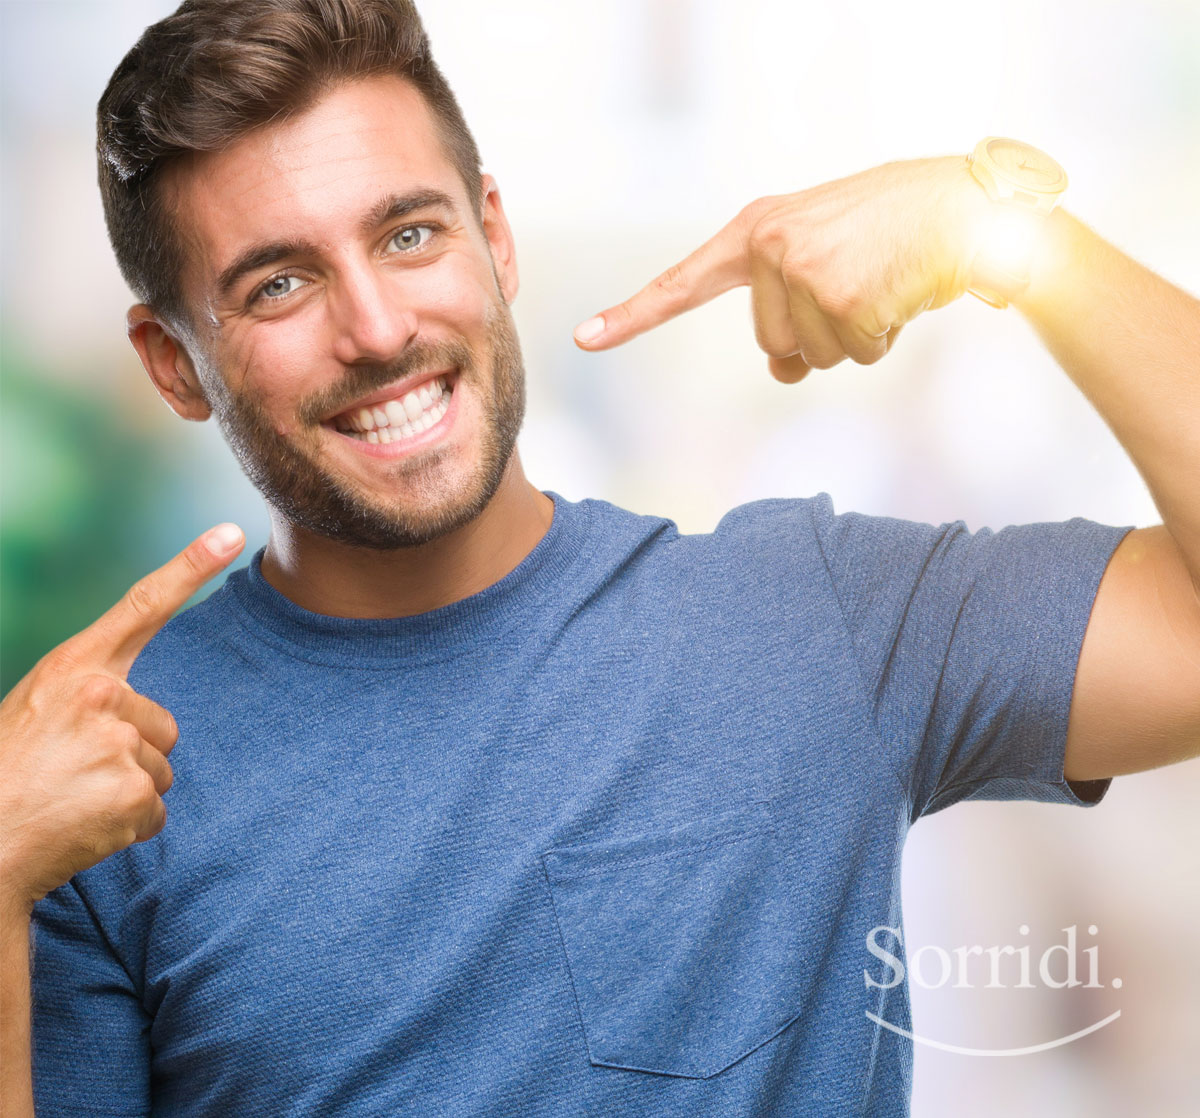 sorridi-ch-magazine-rinforzare-lo-smalto-dentale